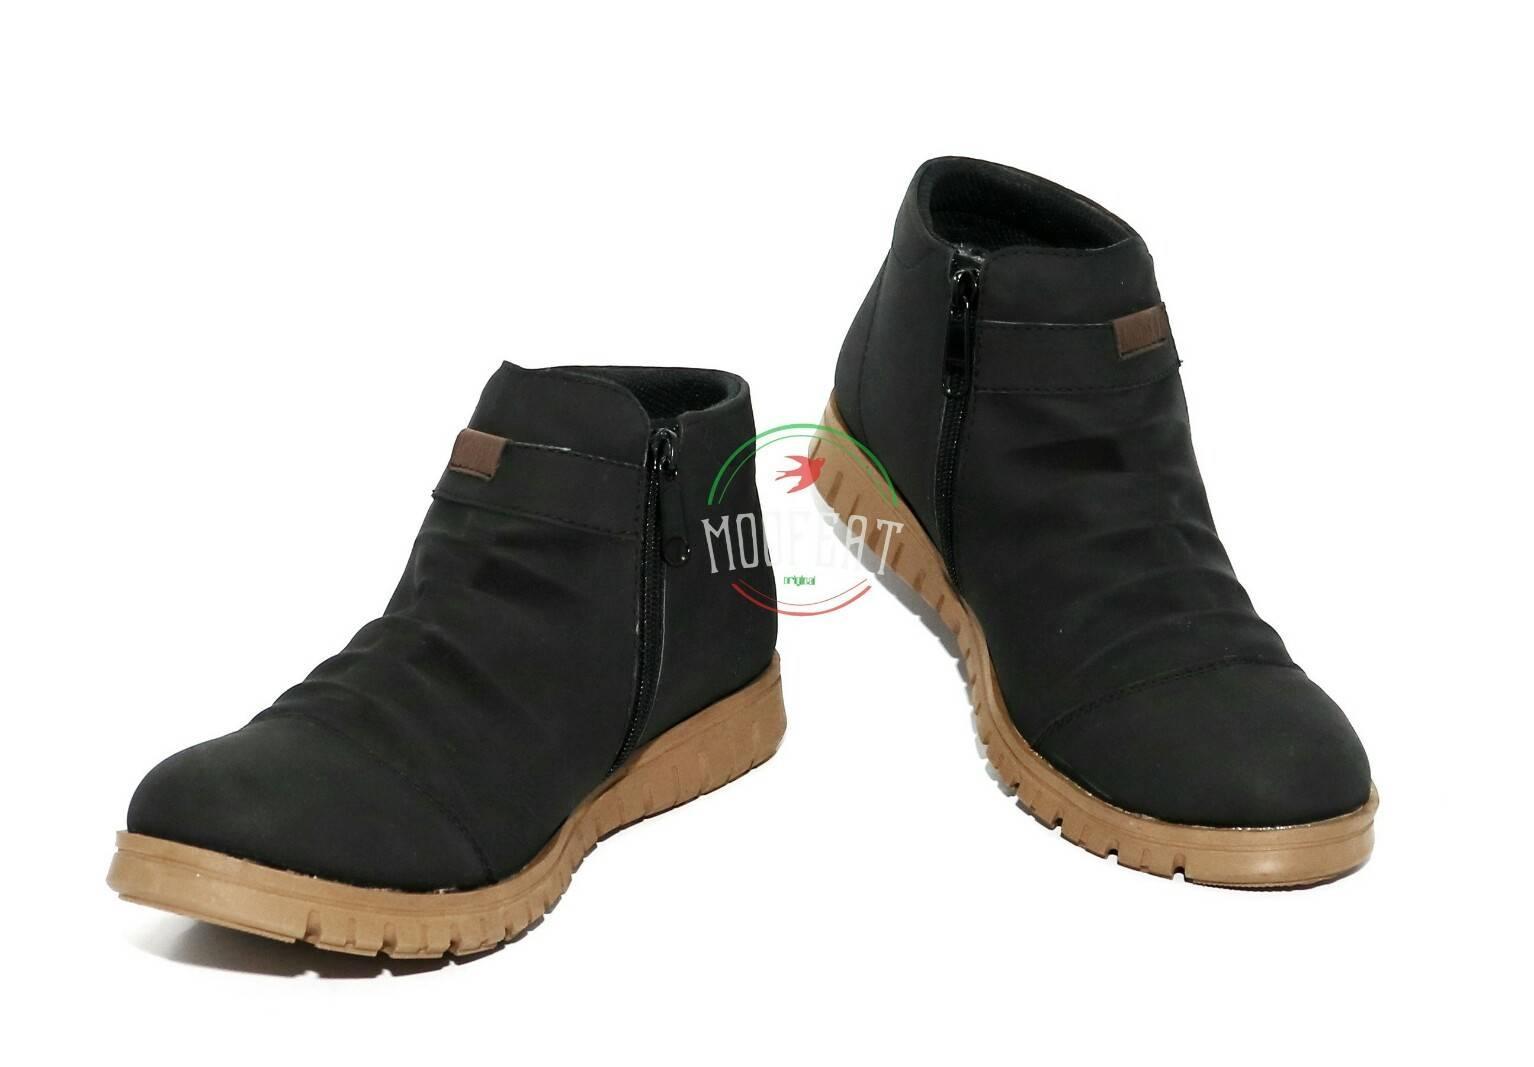 Promo Sepatu Casual Pria Original Moofeat 06 (Sepatu Olahraga, Sepatu Kerja, Sepatu Jalan, Sepatu Santai, Sepatu Sekolah, Sepatu Joging, Lapangan, Sepatu Kulit, Sneaker, Slip On, Slop, Adidas, Nike, Pria, Wanita, Anak)